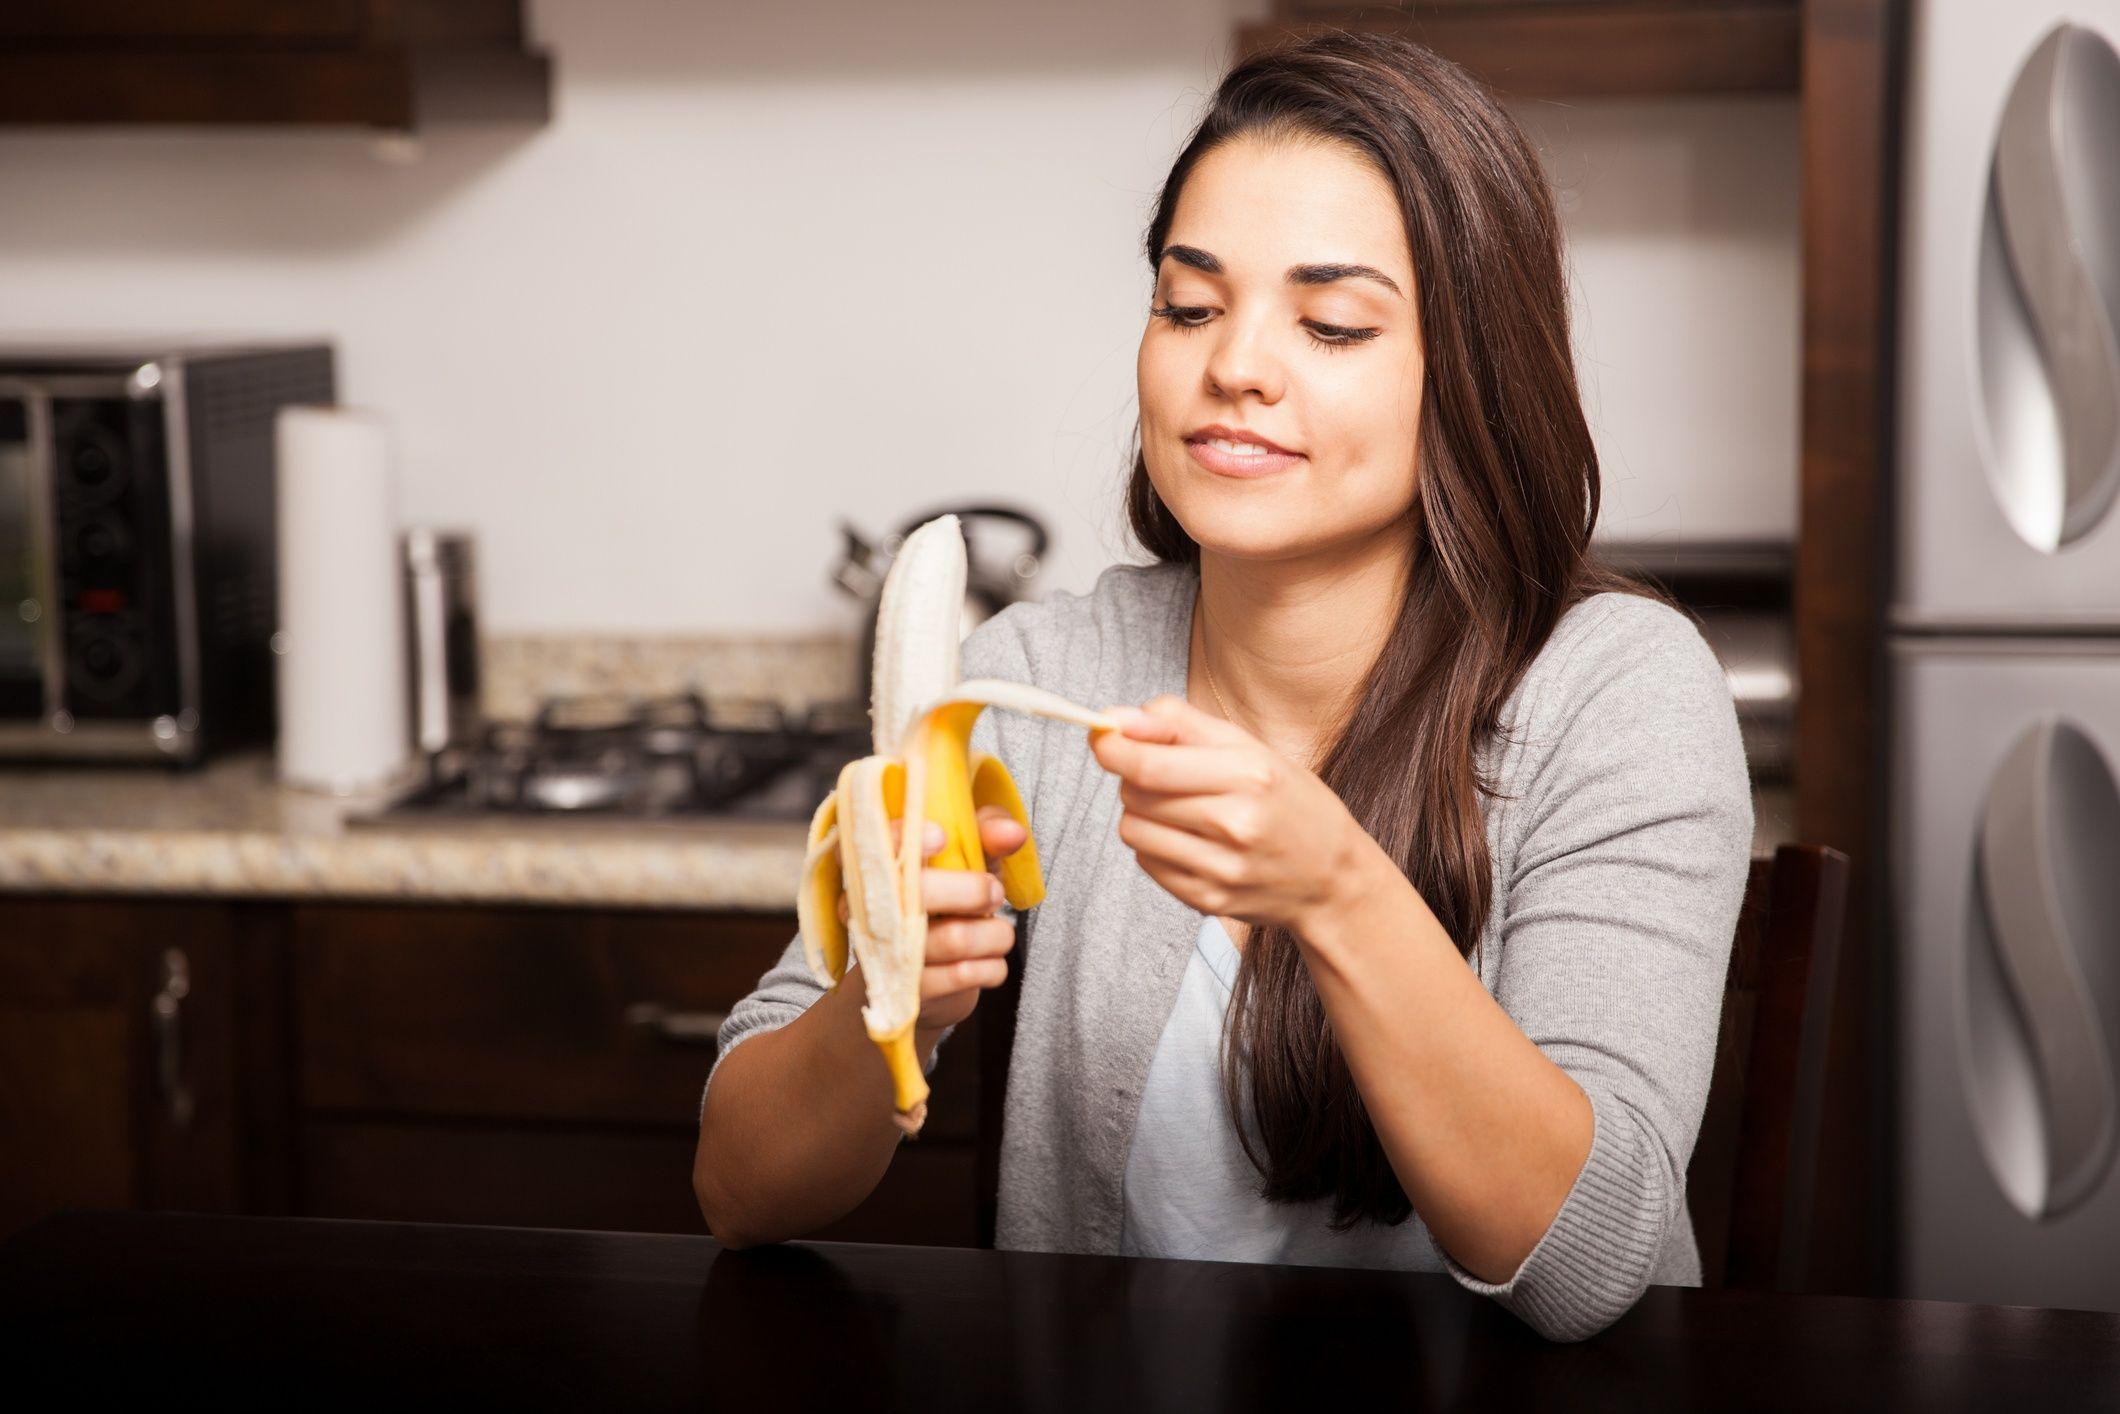 Non, vous ne contracterez pas le virus du sida en mangeant une banane